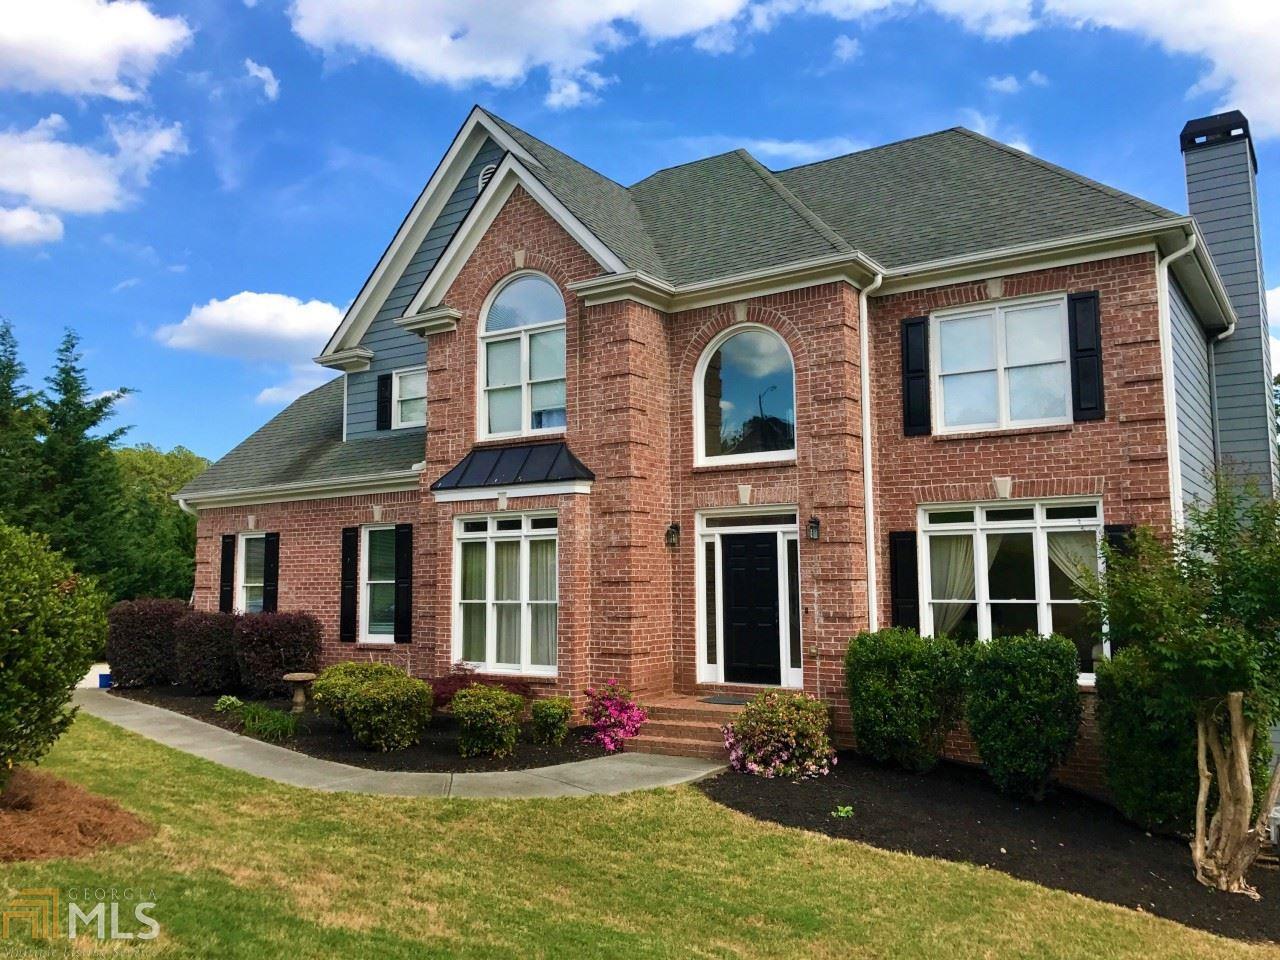 220 payton pl woodstock ga mls 8181267 better homes for Homes for sale in woodstock